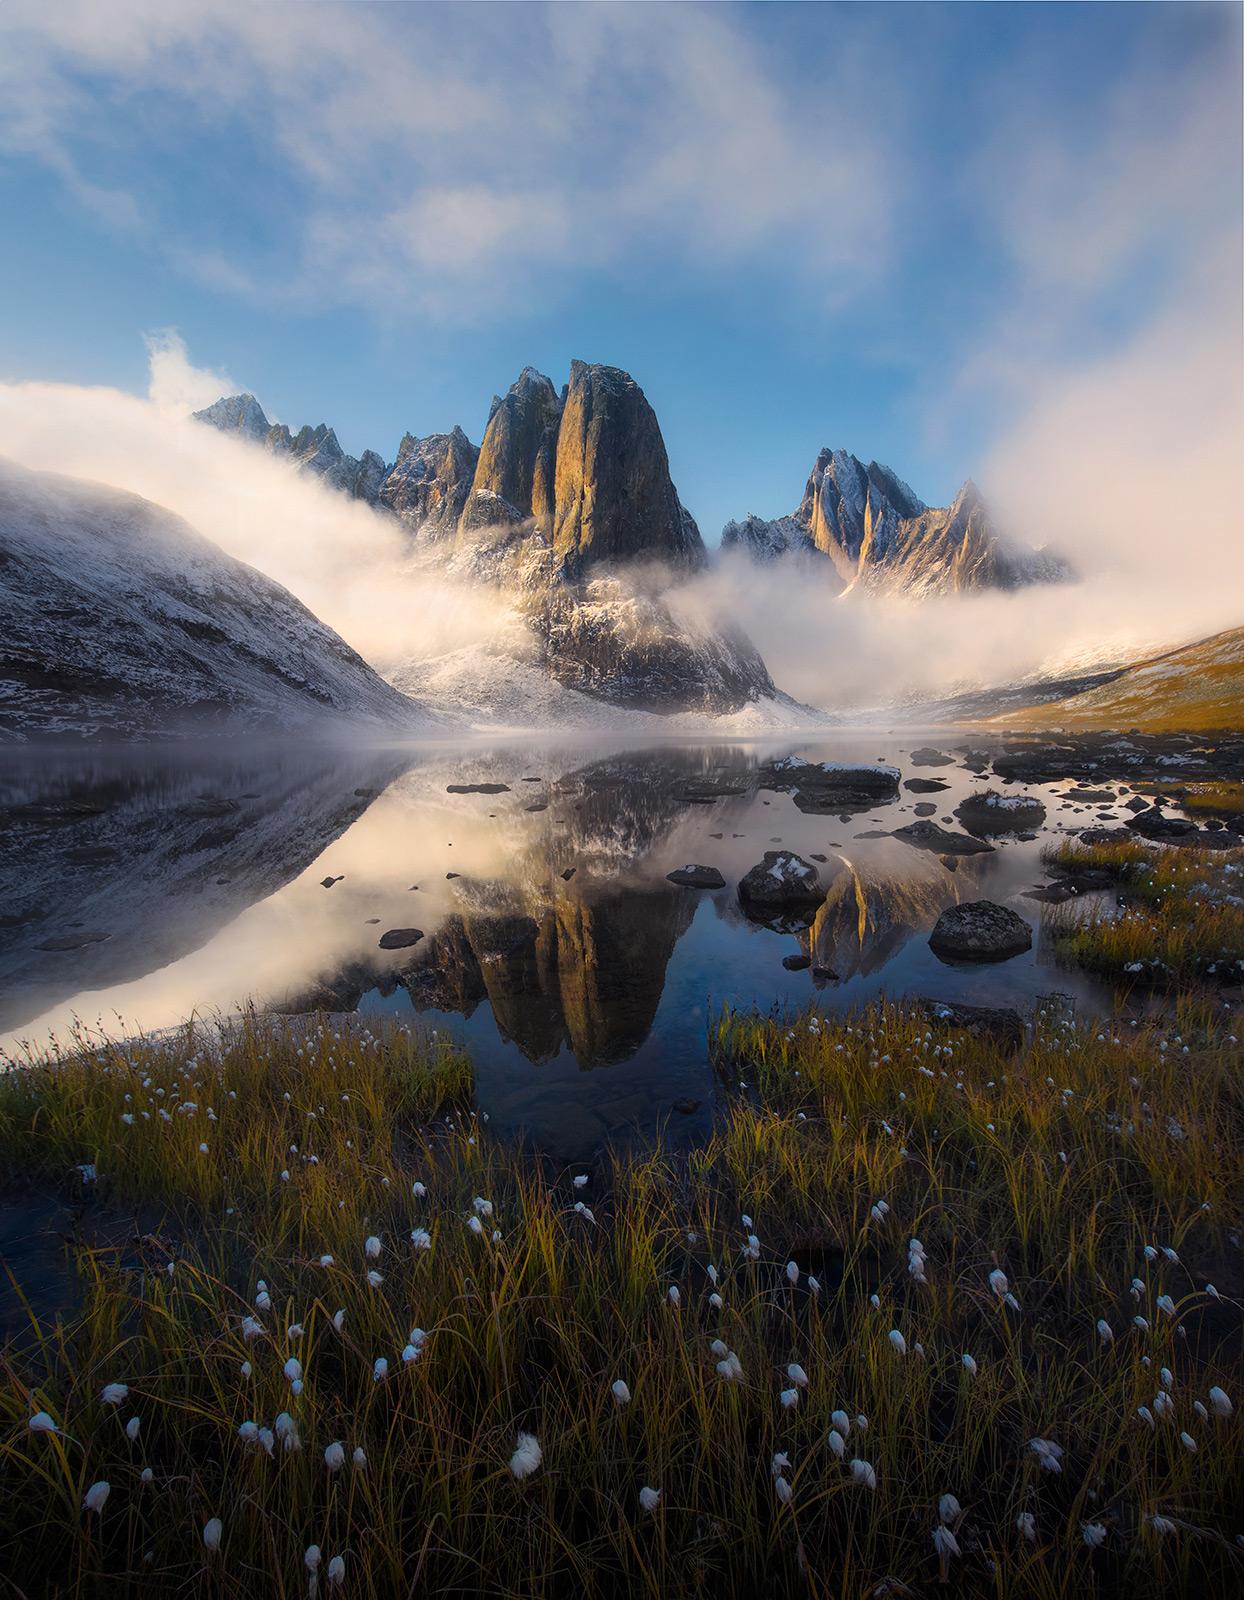 clearing, mist, fog, peaks, lake, reflection, yukon, ogilvie, photo